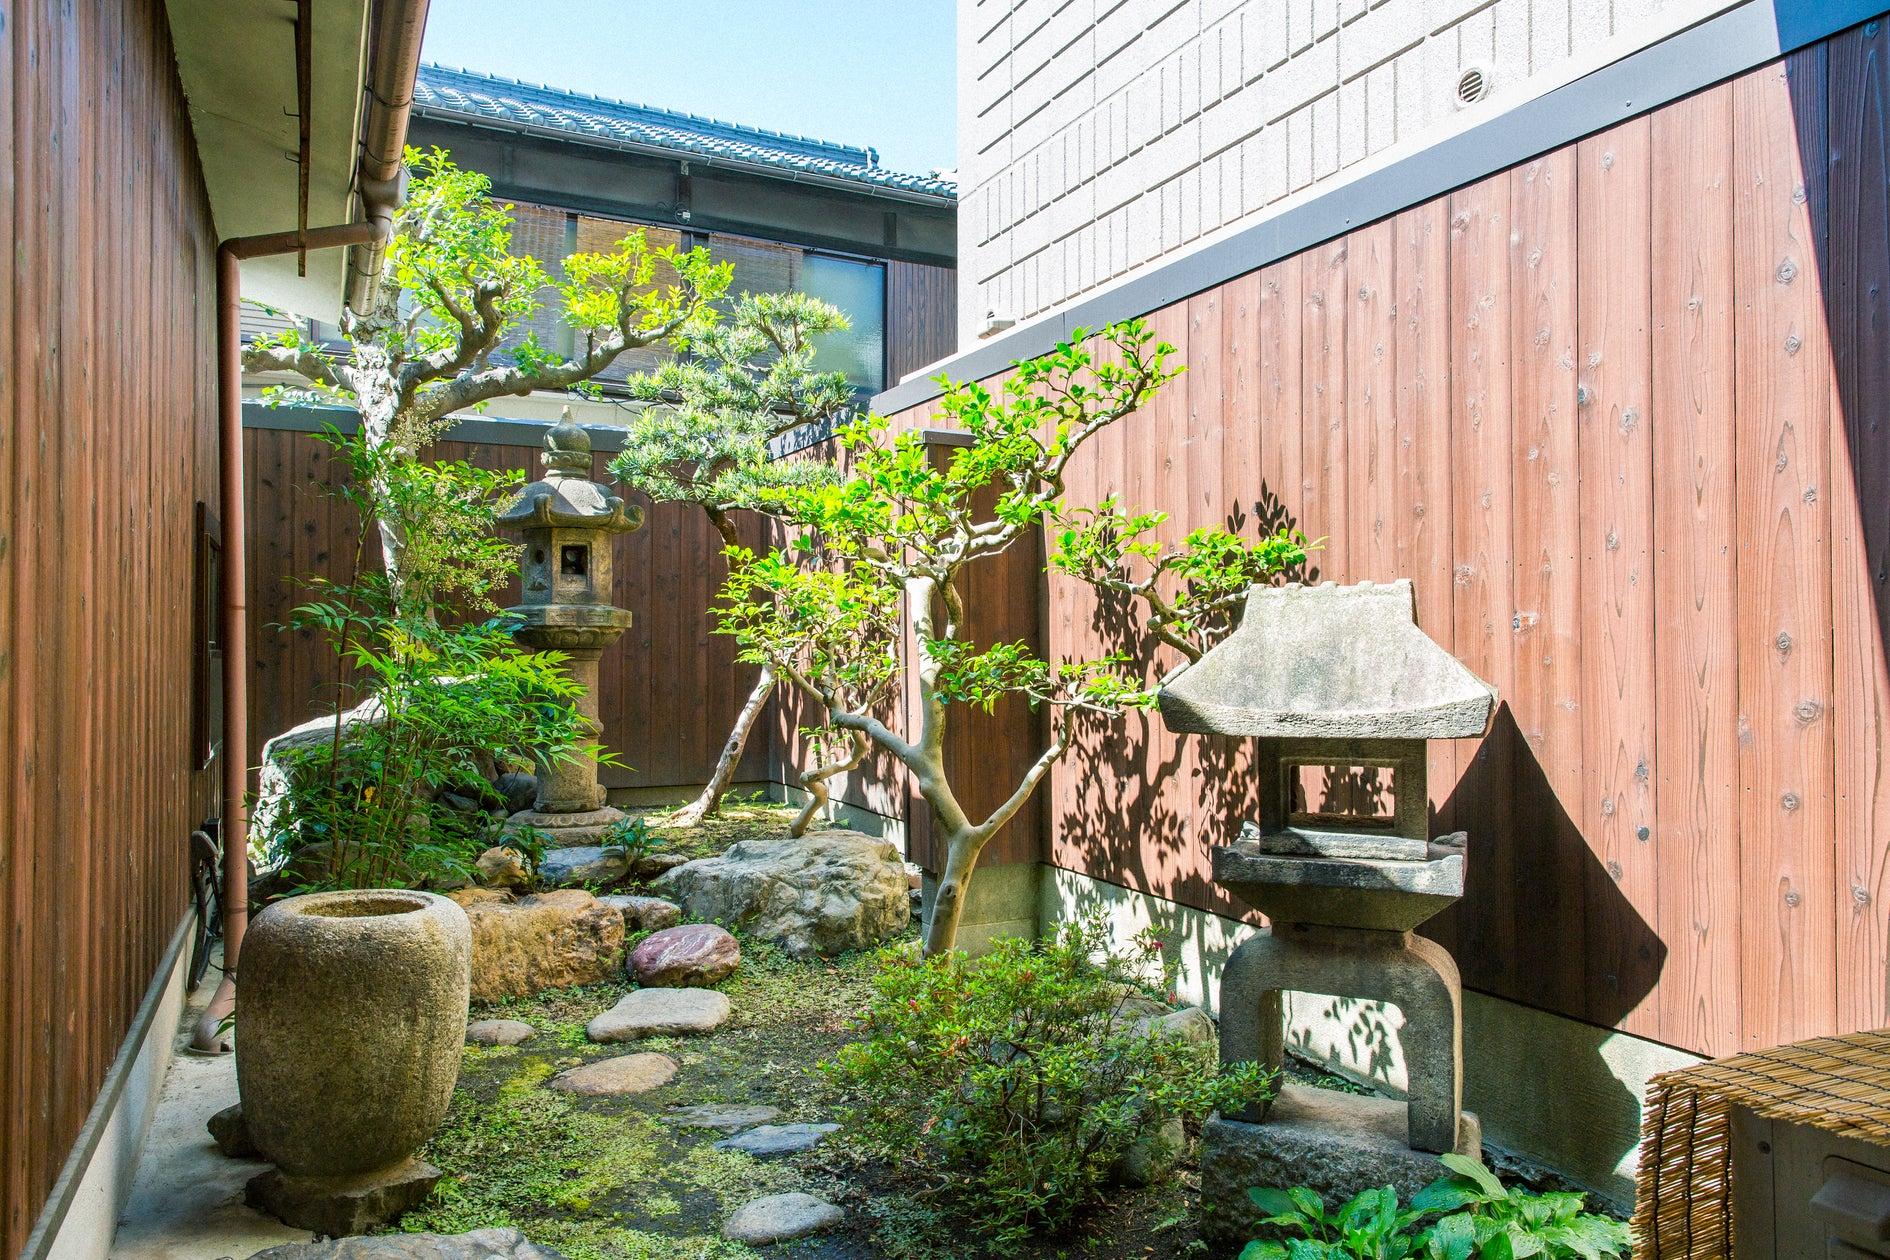 京都駅徒歩5分! 築80年以上の京町家お庭を眺め信楽焼のお風呂で寛ぎを。 東福寺の塔頭 禅寺で座禅体験も。 のサムネイル